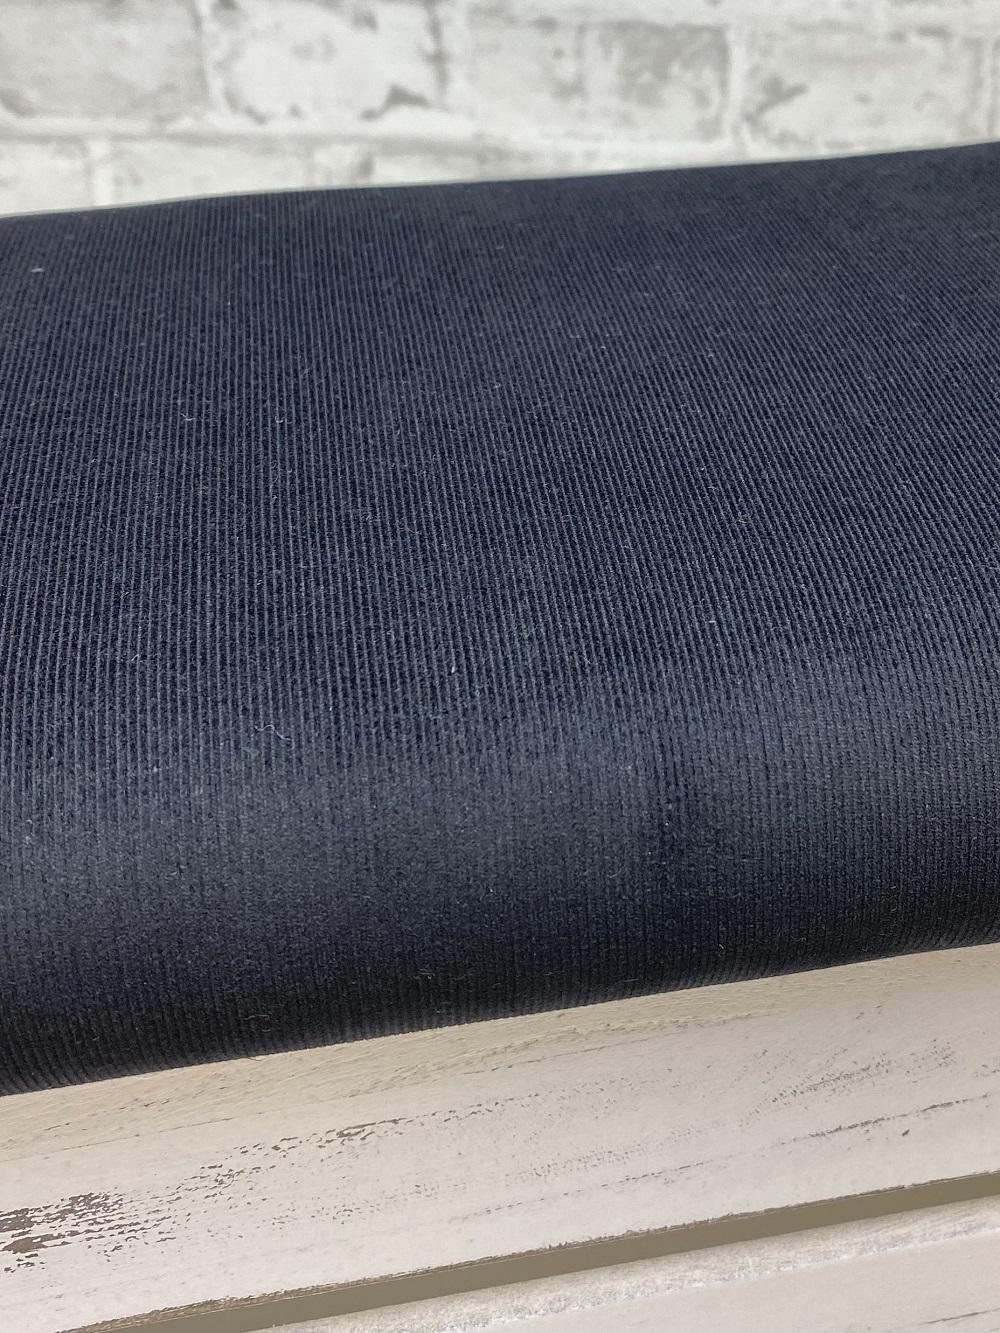 Feincord gewaschen, schwarz. Art. 4809/69